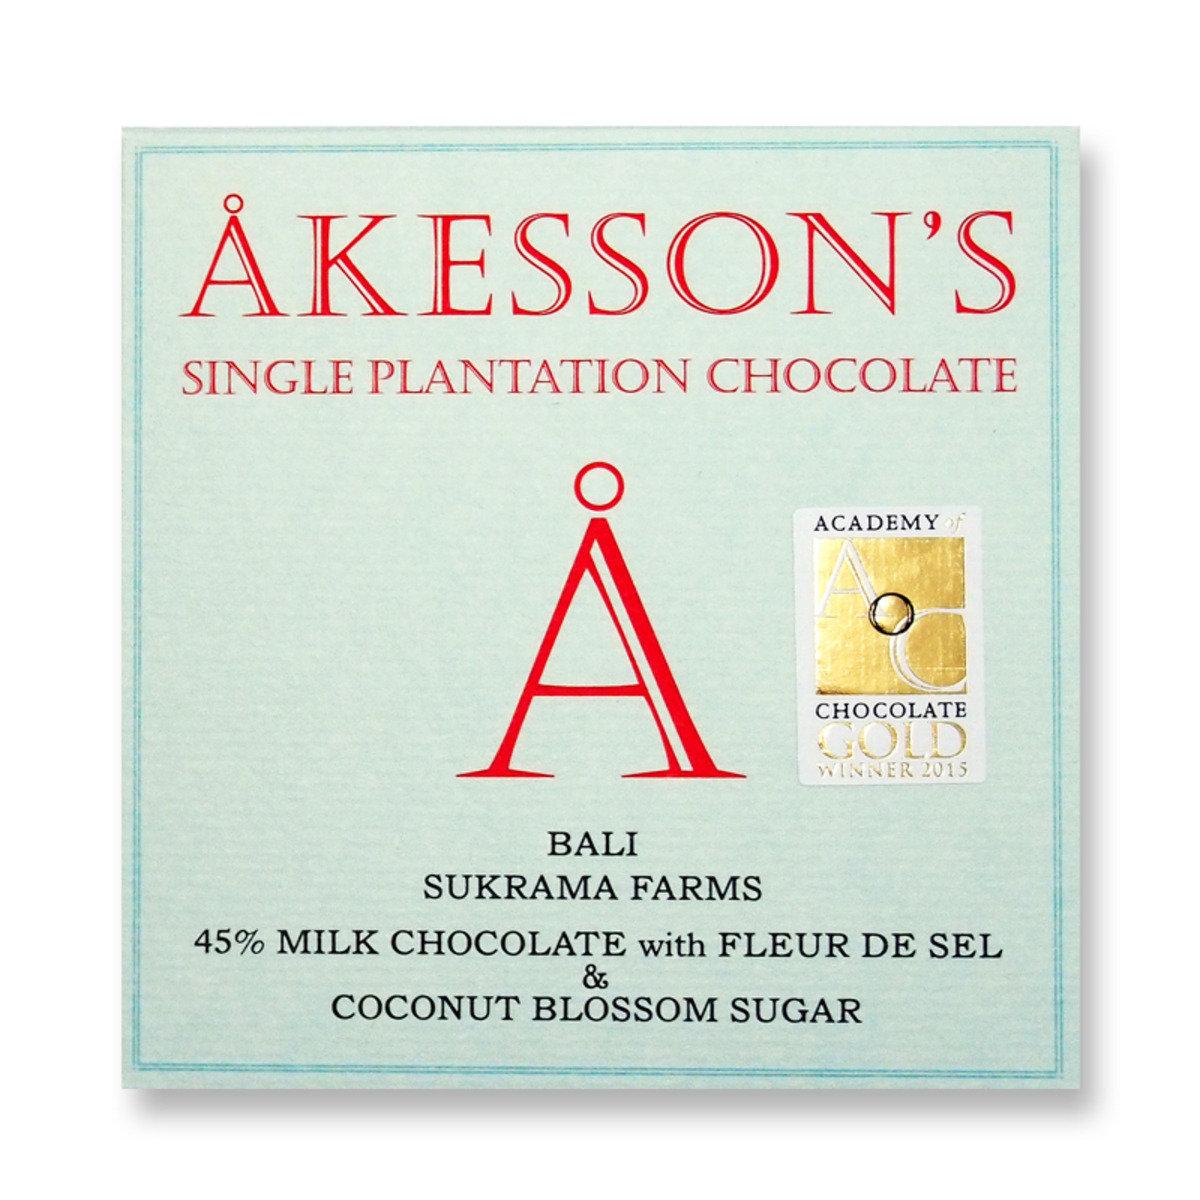 巴里Sukrama Farms莊園 45%牛奶朱古力配海鹽及有機椰子花蜜糖